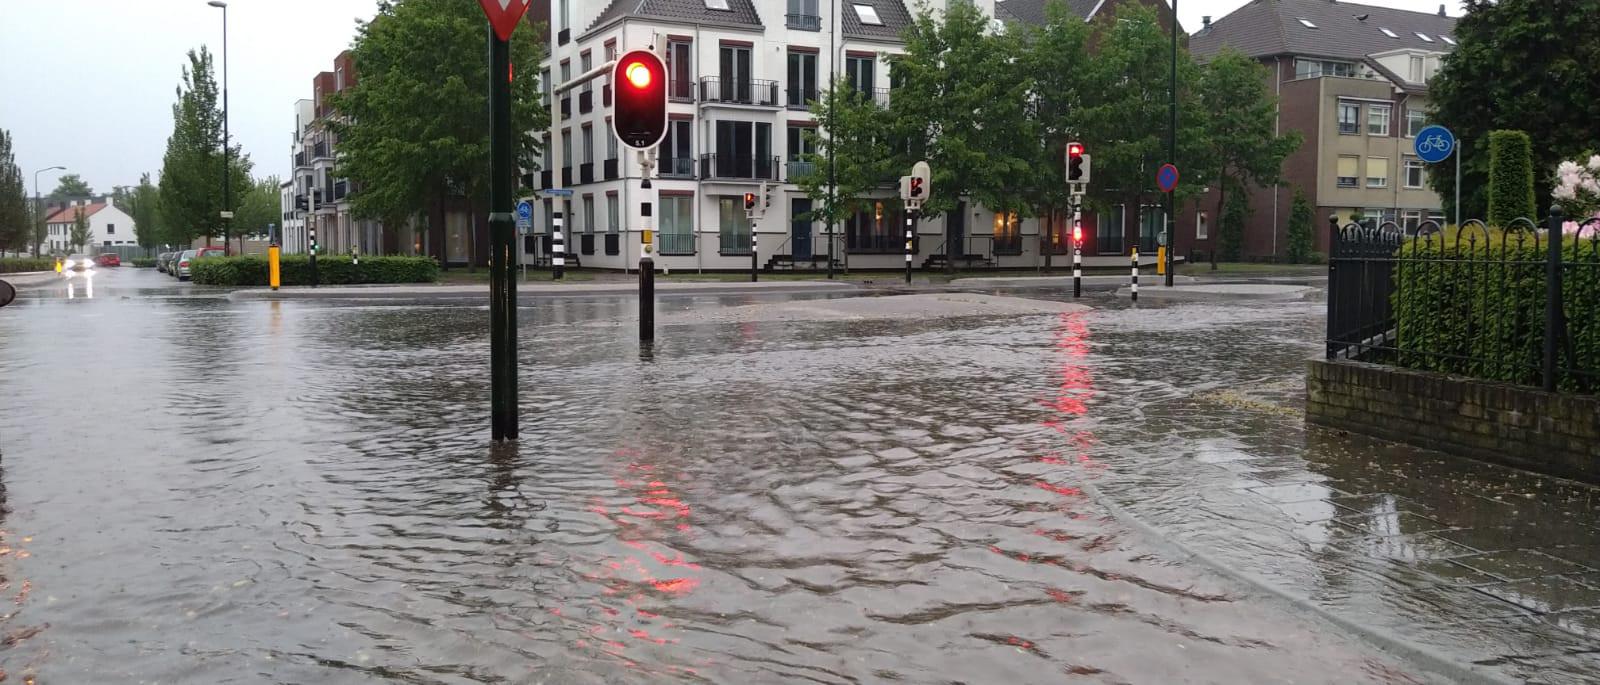 Een ondergelopen kruispunt in Aalst.